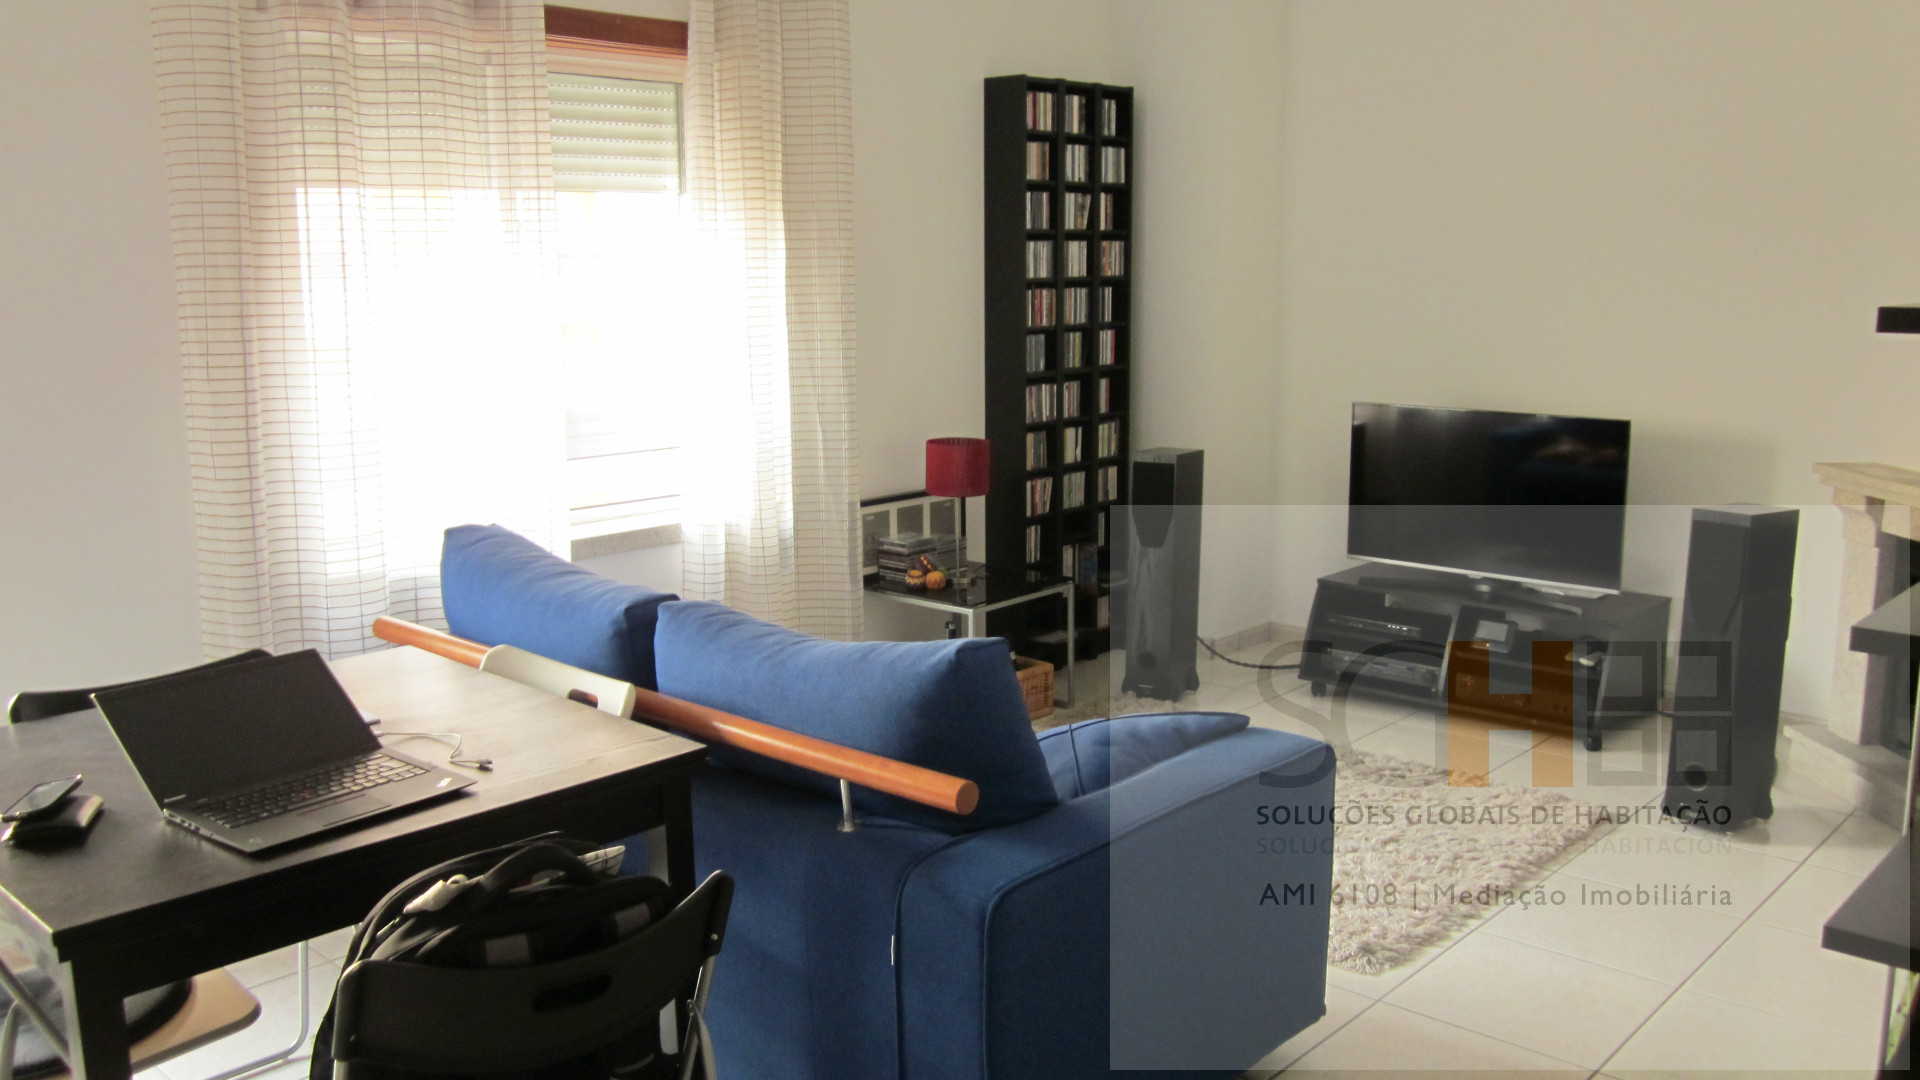 Apartamento T2, Castelo Branco, Castelo Branco